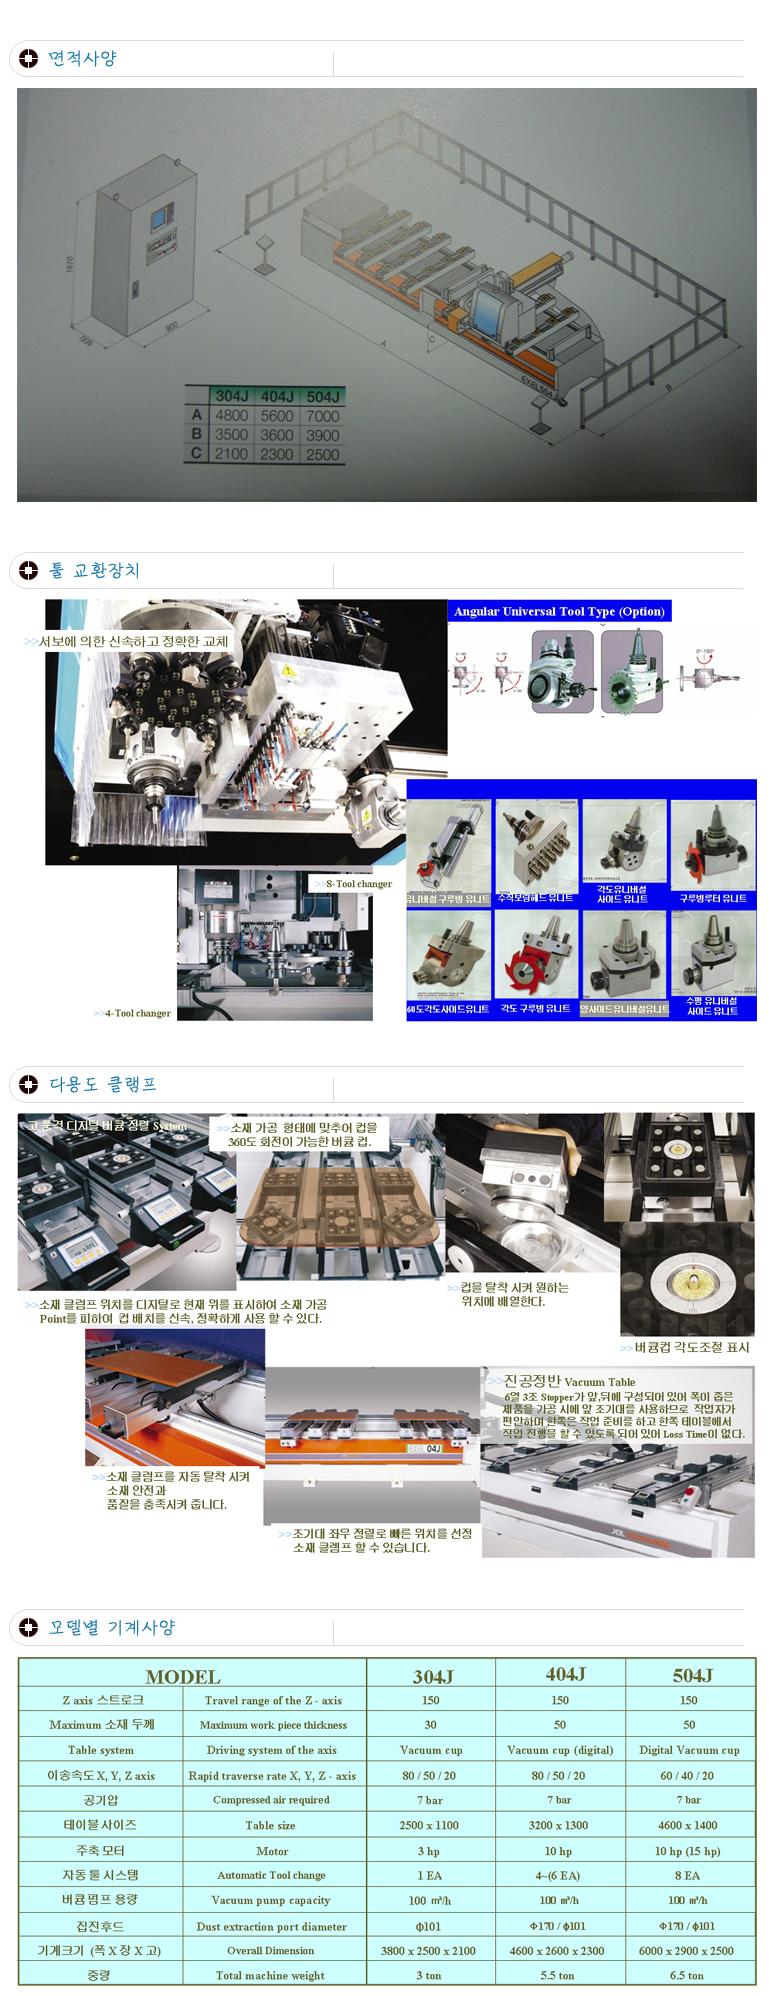 (주)성화우드라인 포인트보링기 EXEL-504JT 1